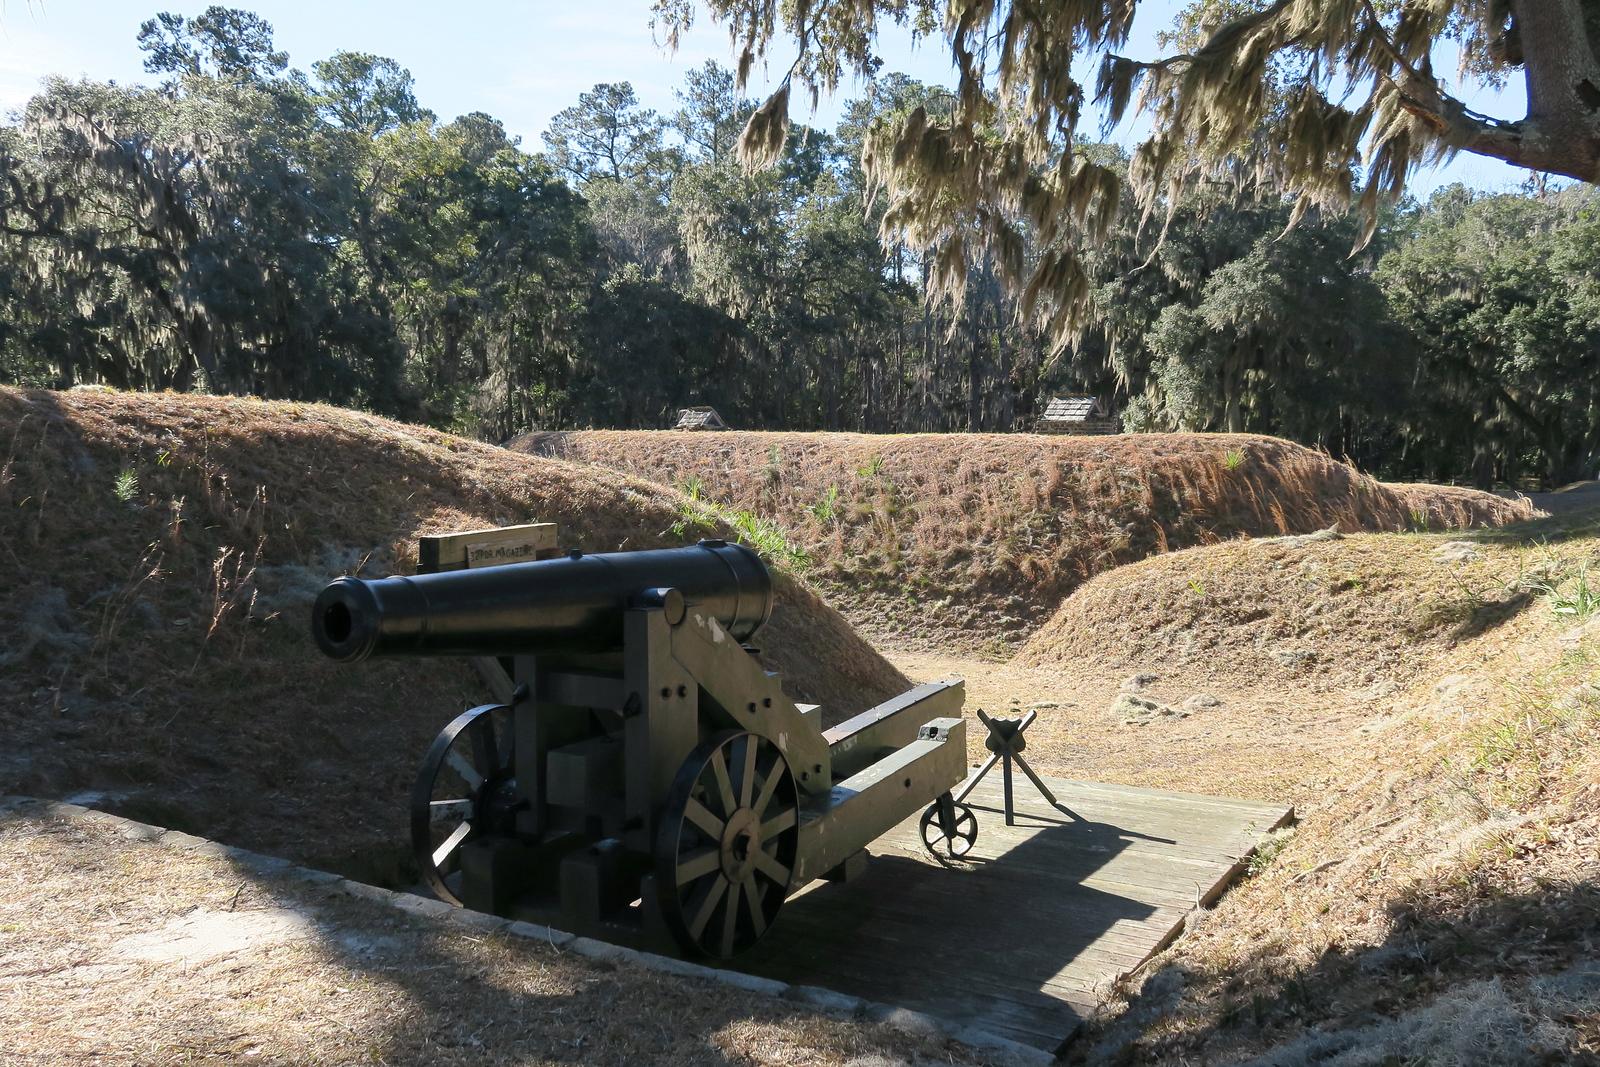 32-Pounder Cannon